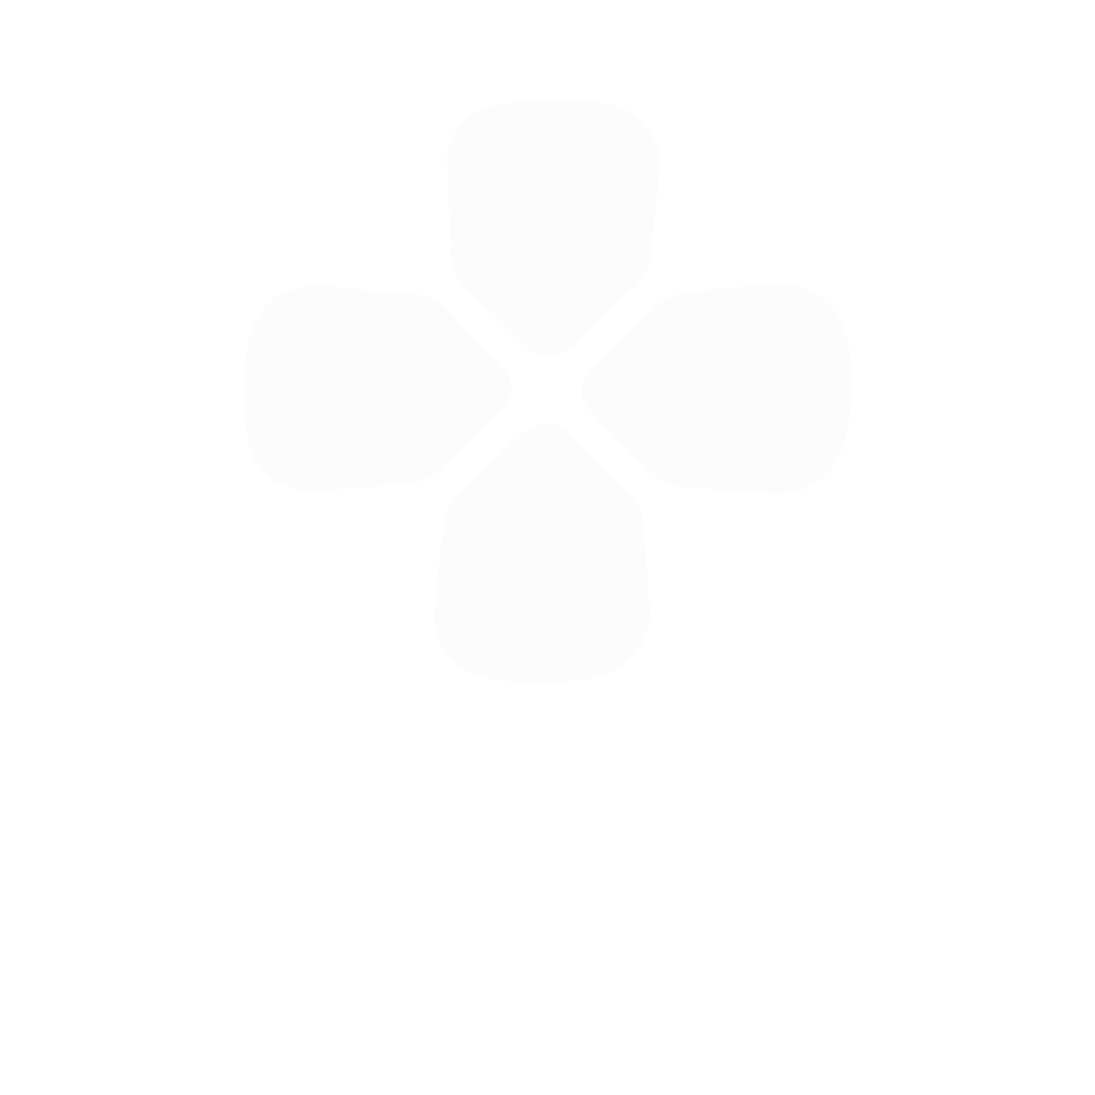 D Buttons